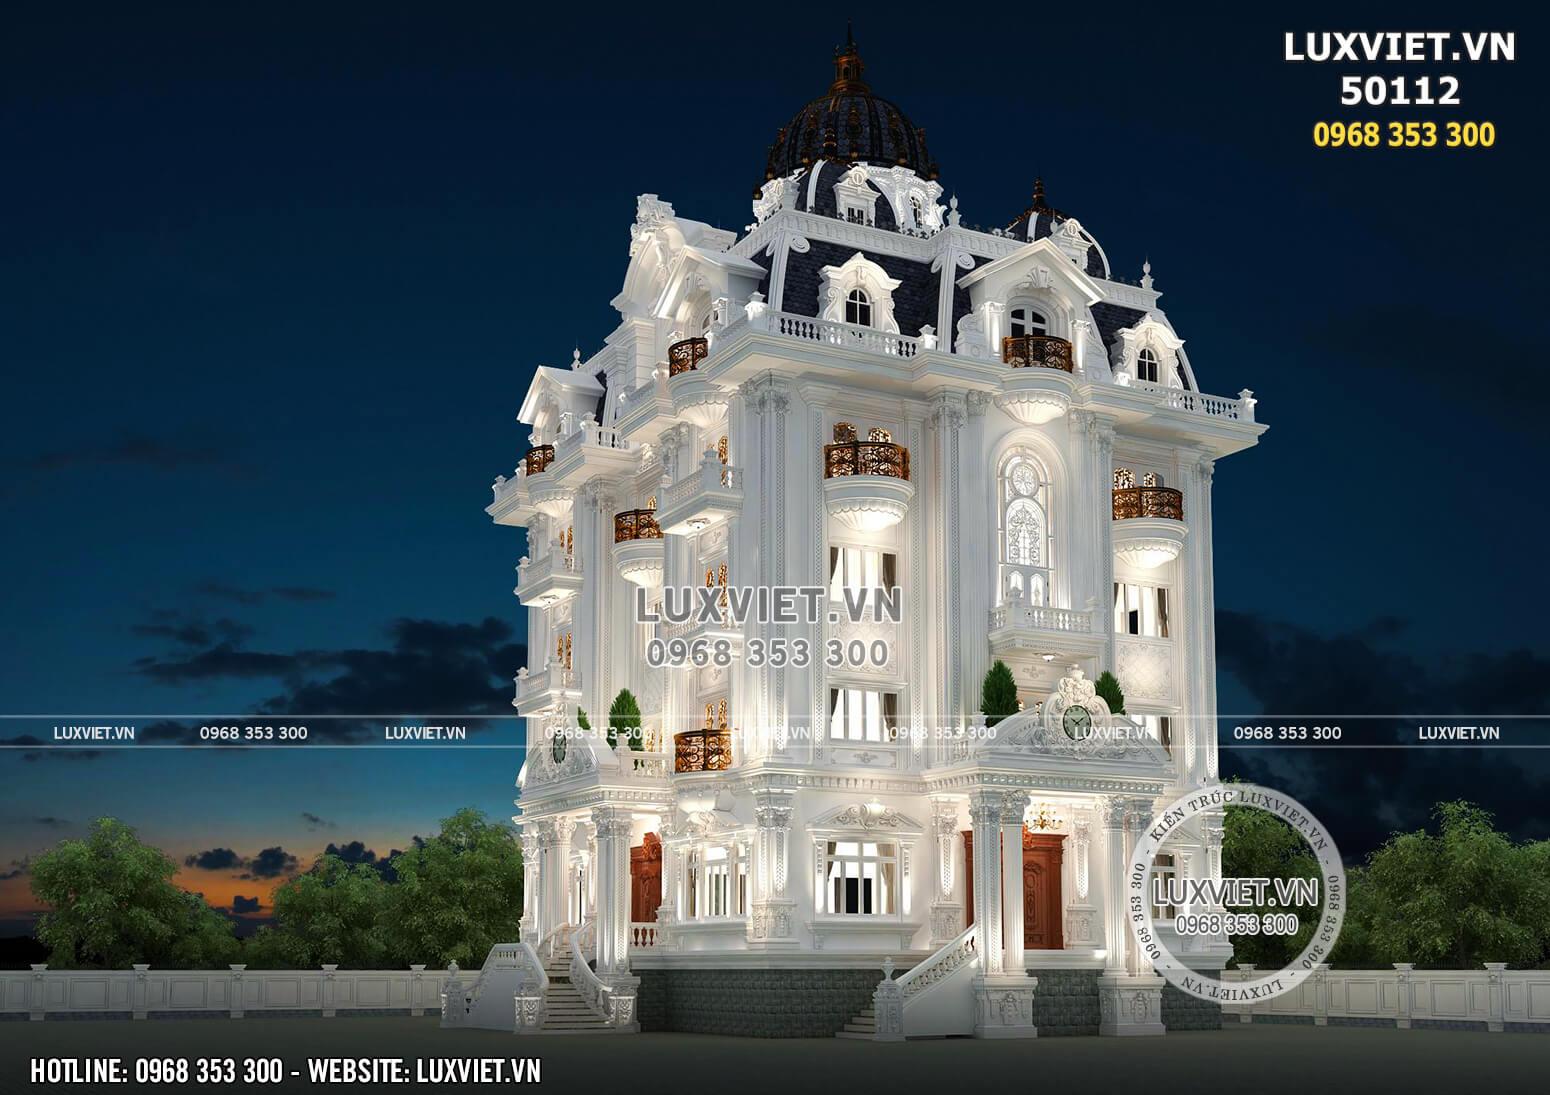 Phối cảnh 3D ngoại thất đẹp đến từng chi tiết nhỏ mẫu thiết kế biệt thự kiểu lâu đài 5 tầng tân cổ điển